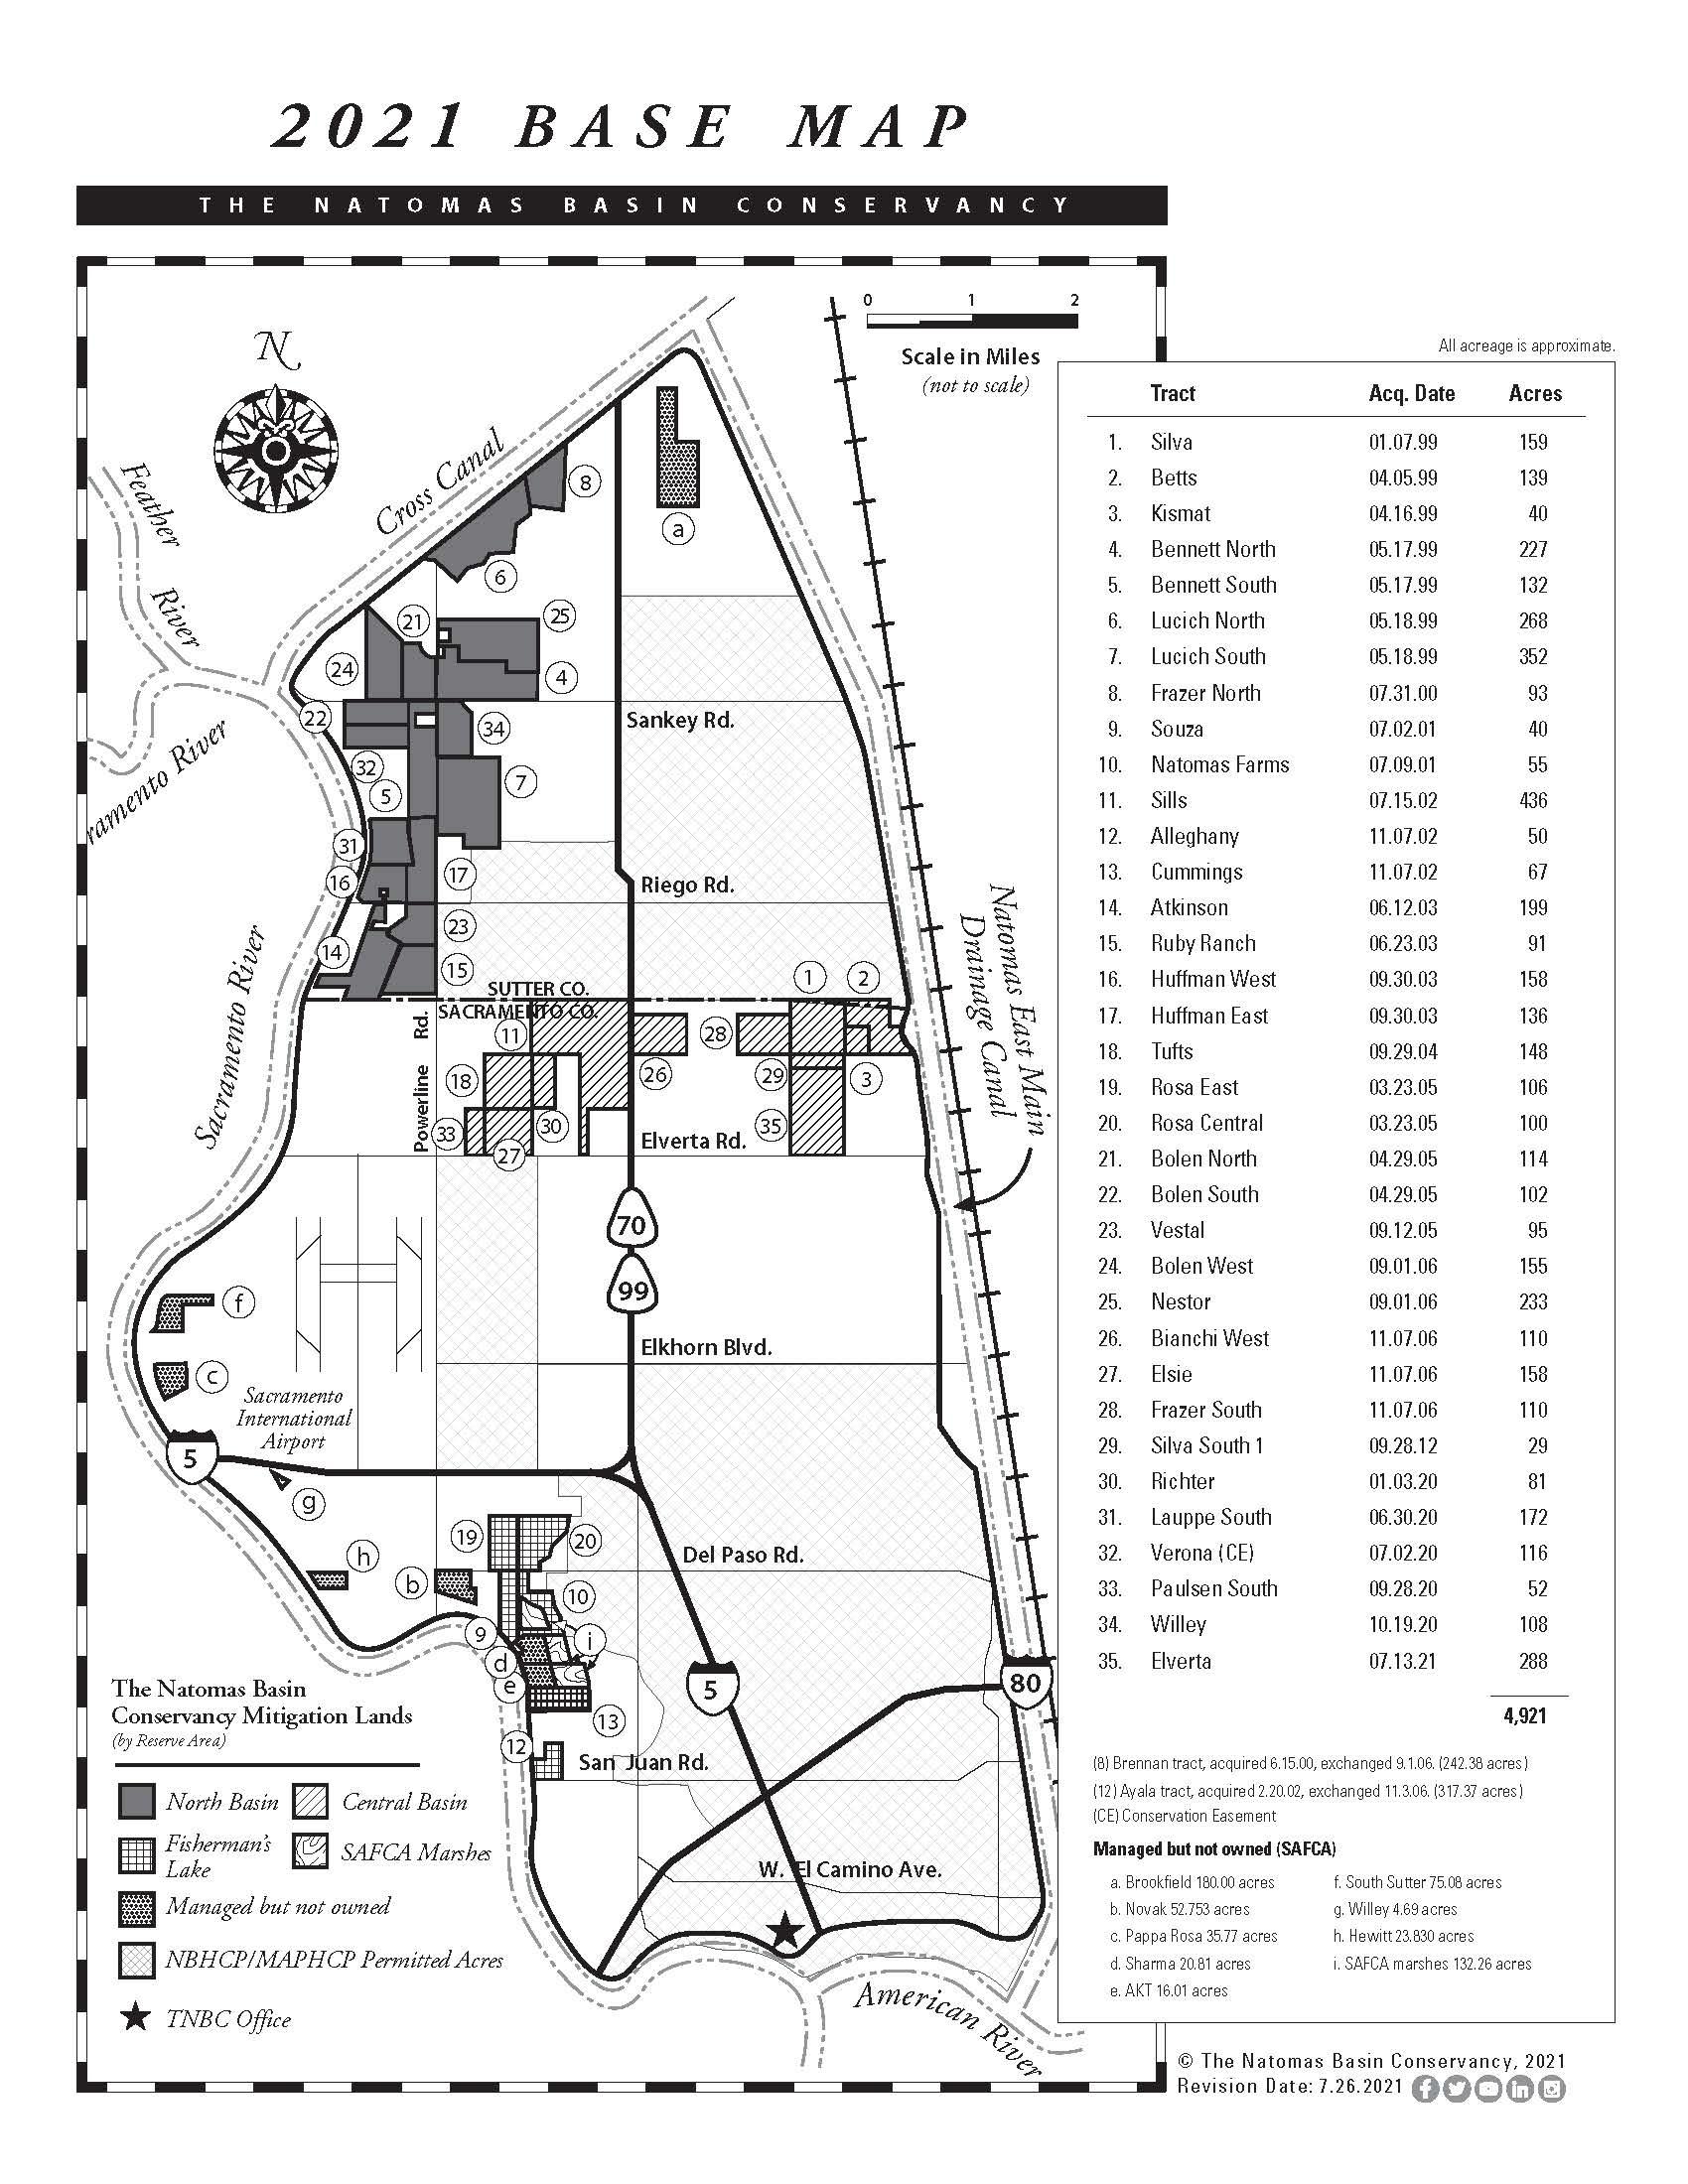 2020 Base map